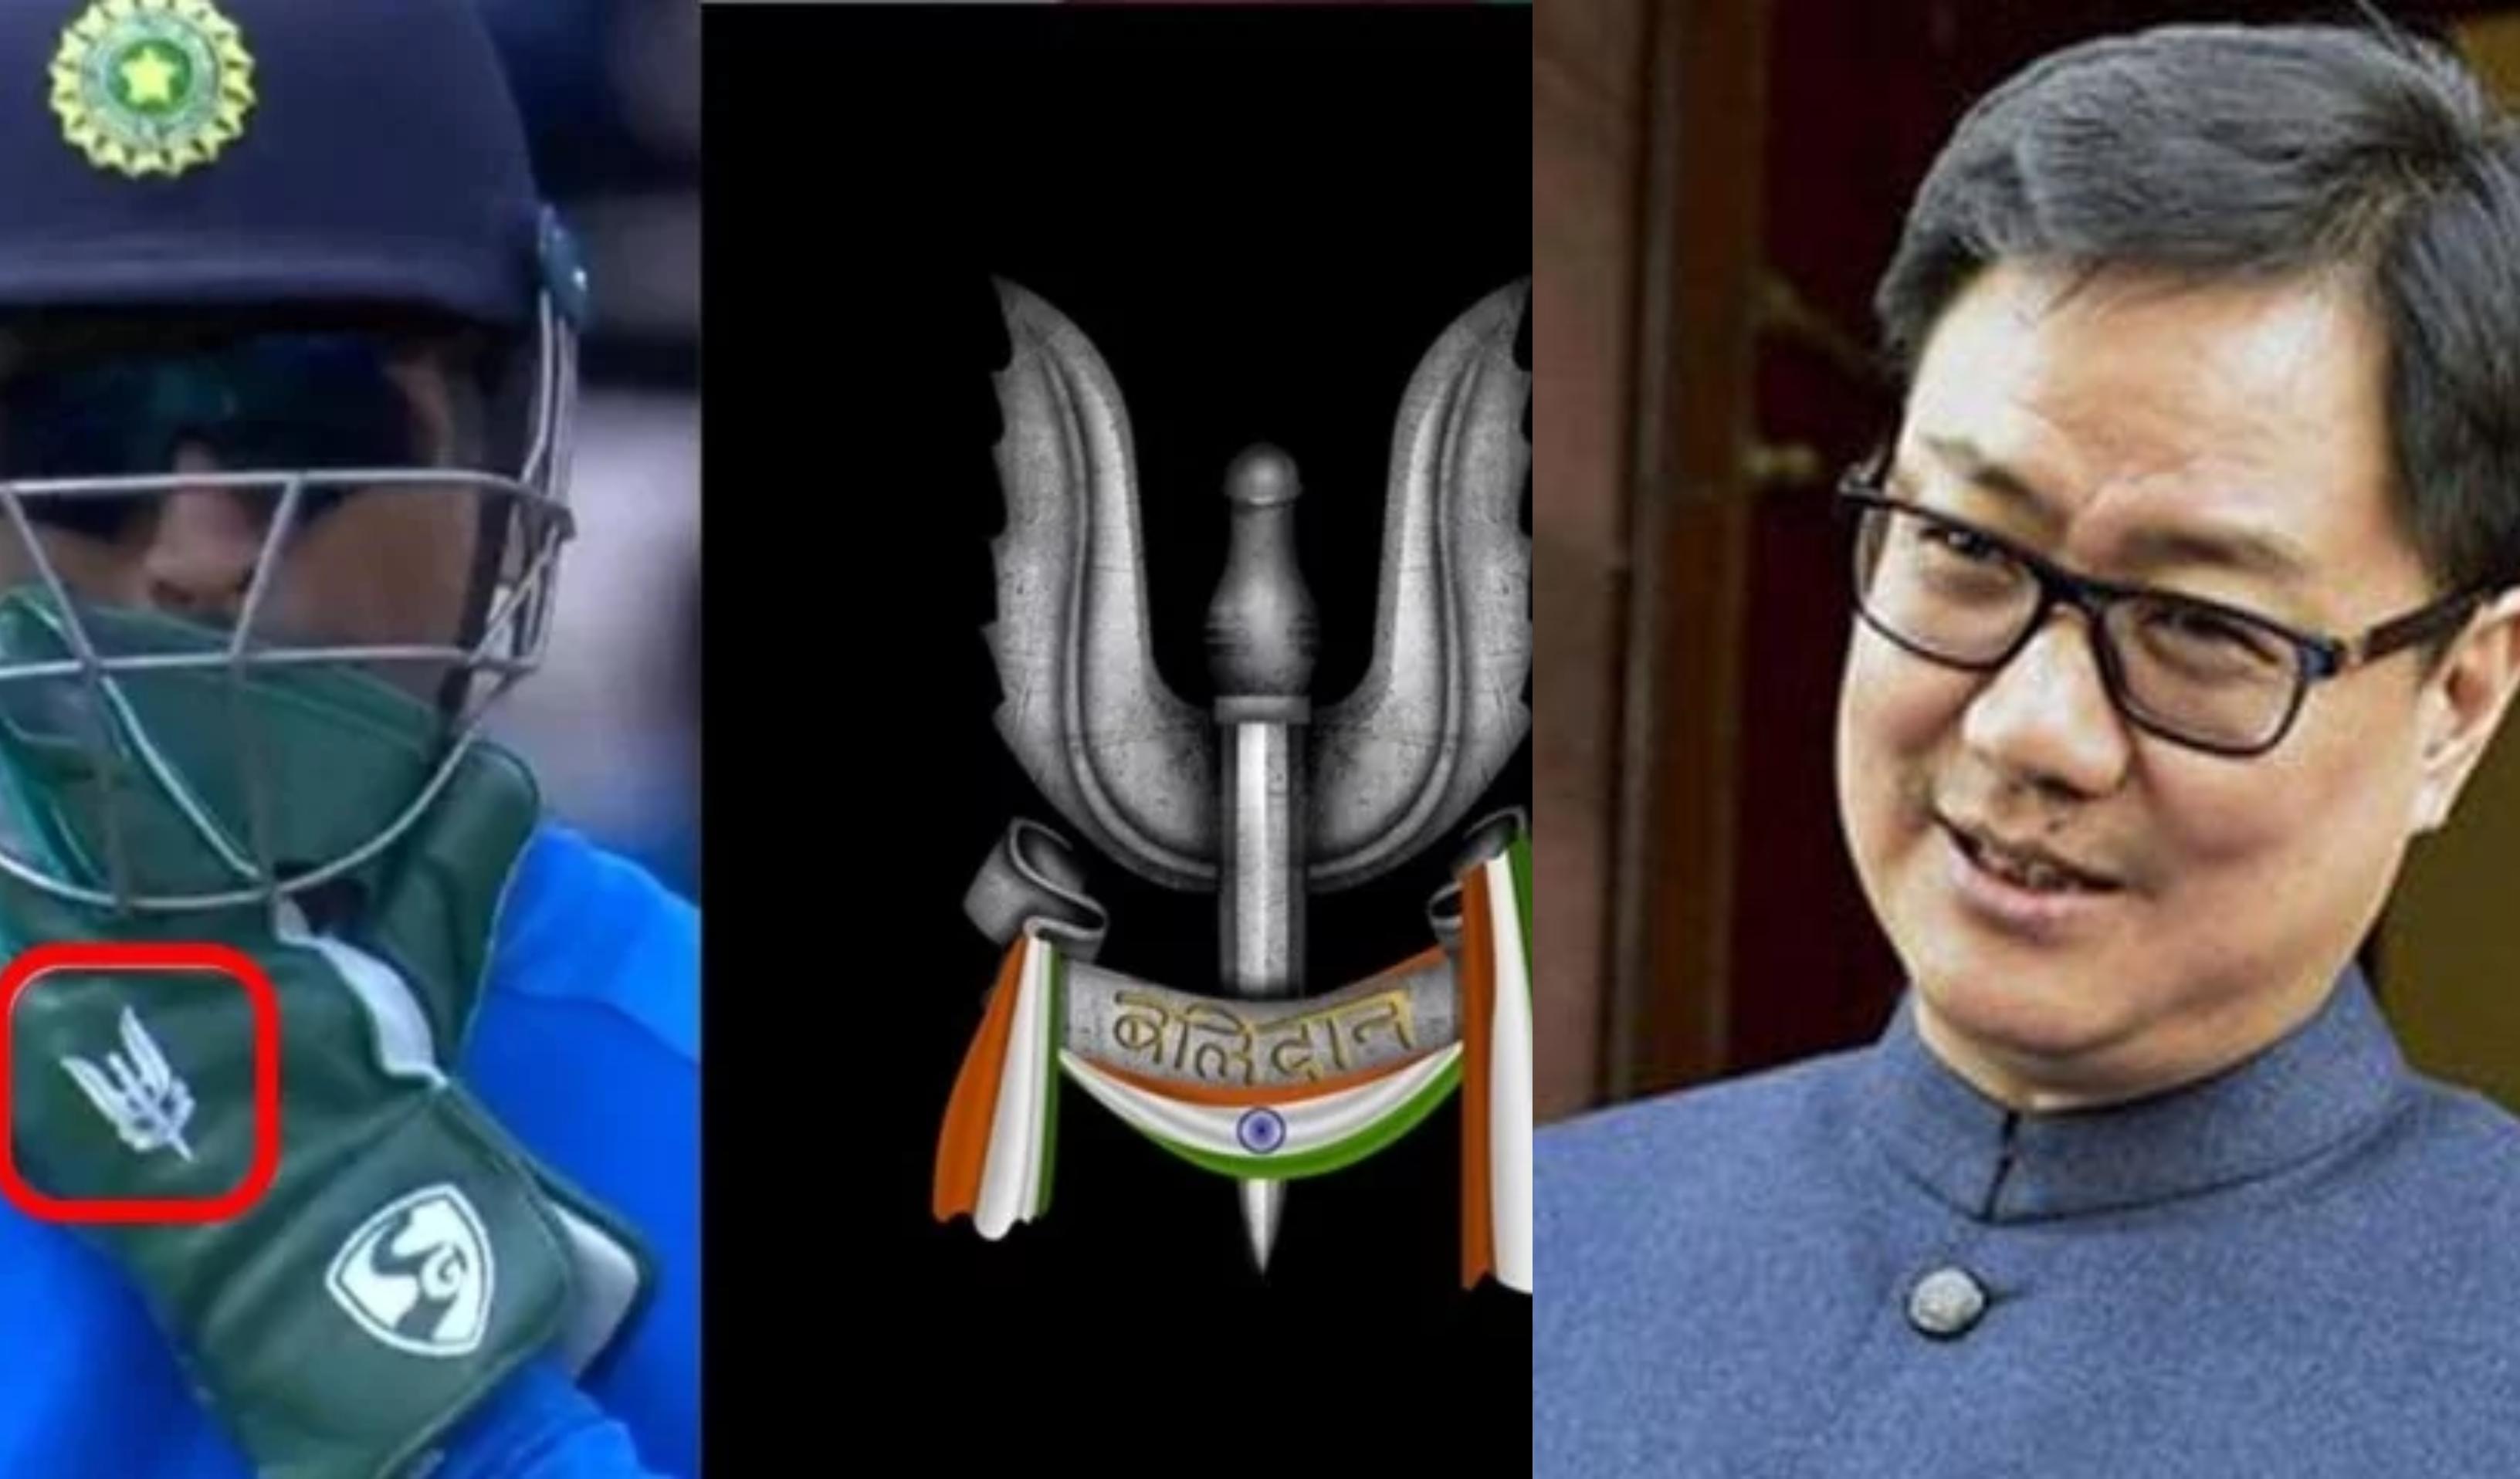 बलिदान चिन्ह विवाद ने पकड़ा तूल अब धोनी के सपोर्ट में उतरे खेल मंत्री रिजिजू 8